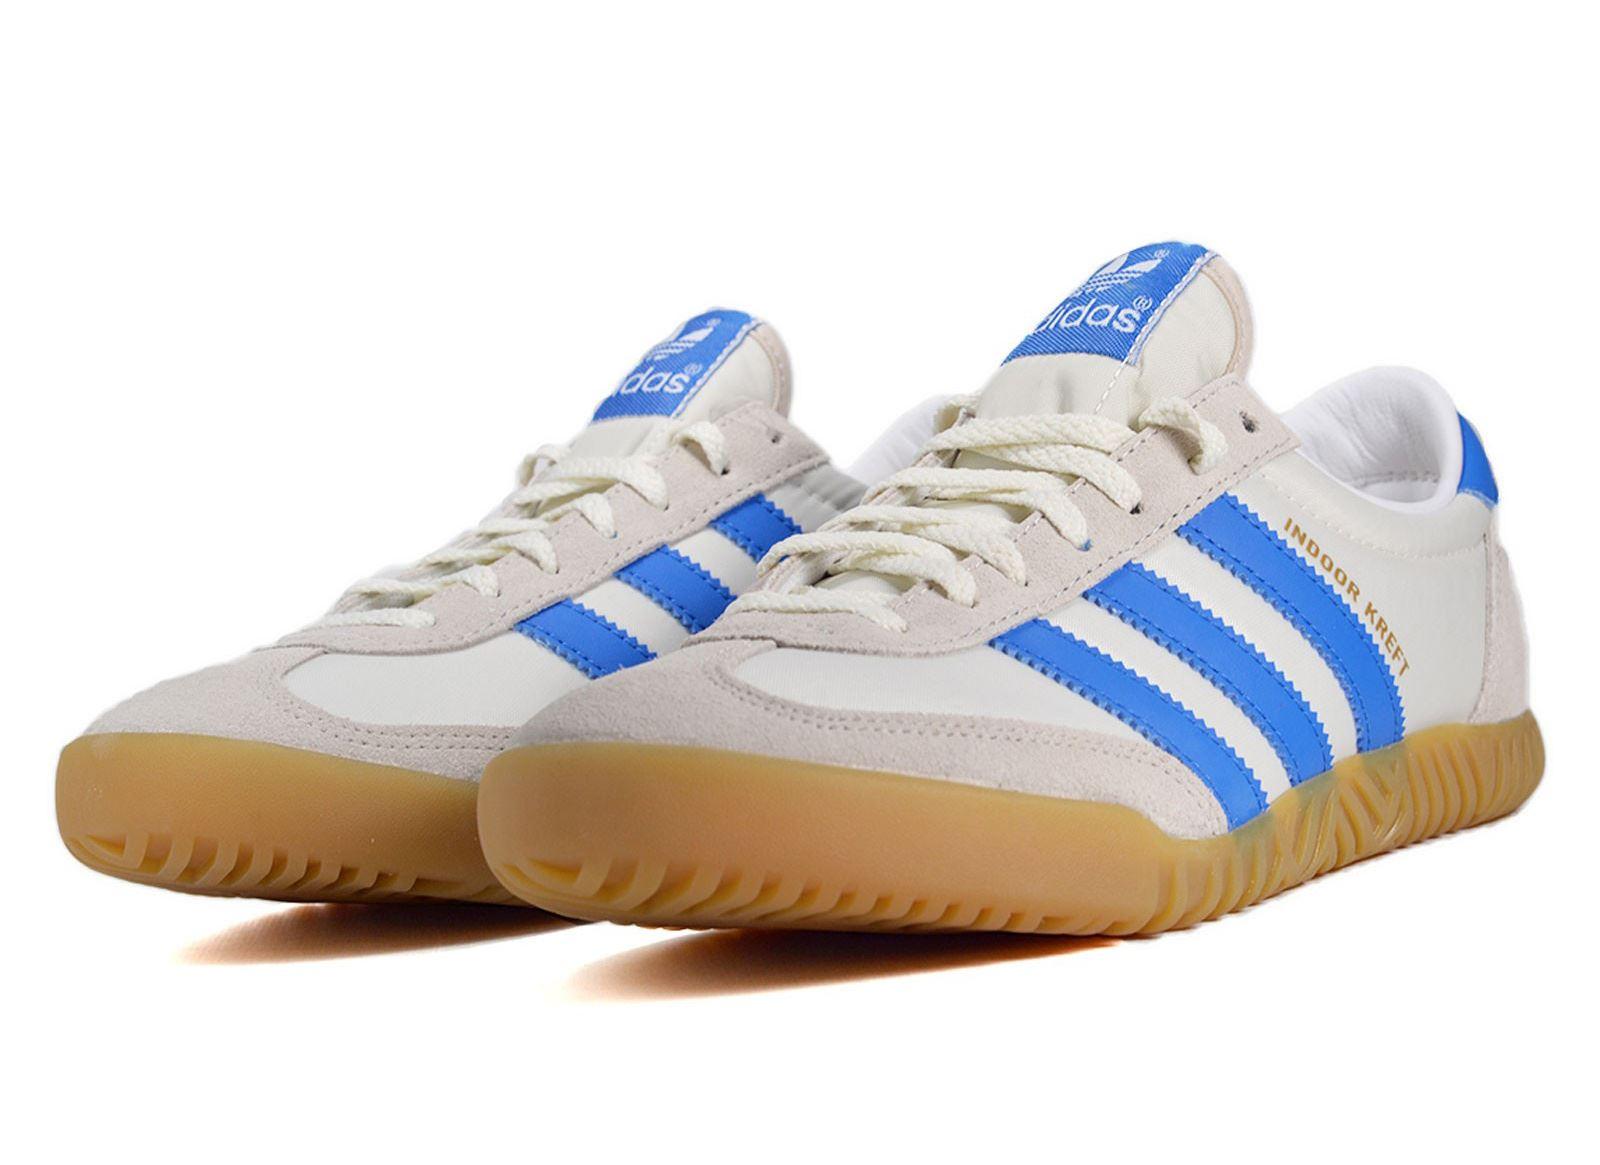 ed6b840478 adidas Indoor Super & Kreft Spezial~Mens Trainers~Originals ...